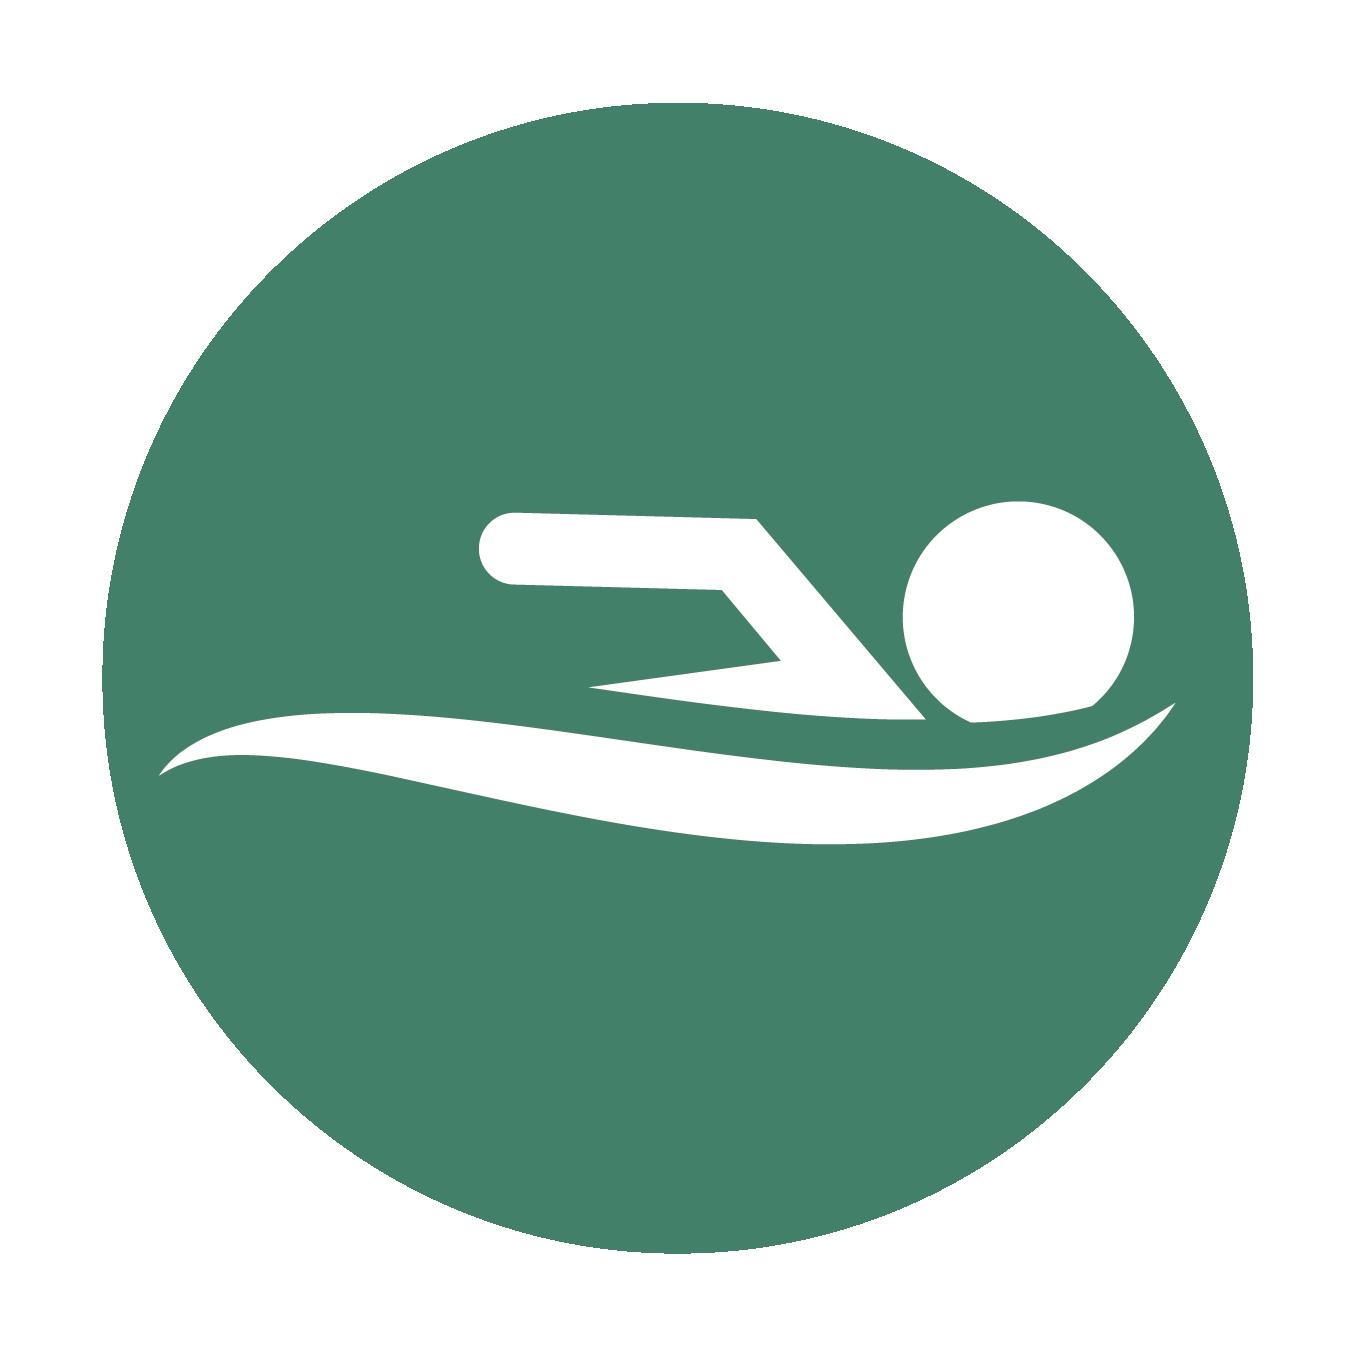 https://trek-adventures.co.uk/wp-content/uploads/2019/12/Wild-Swimming.png